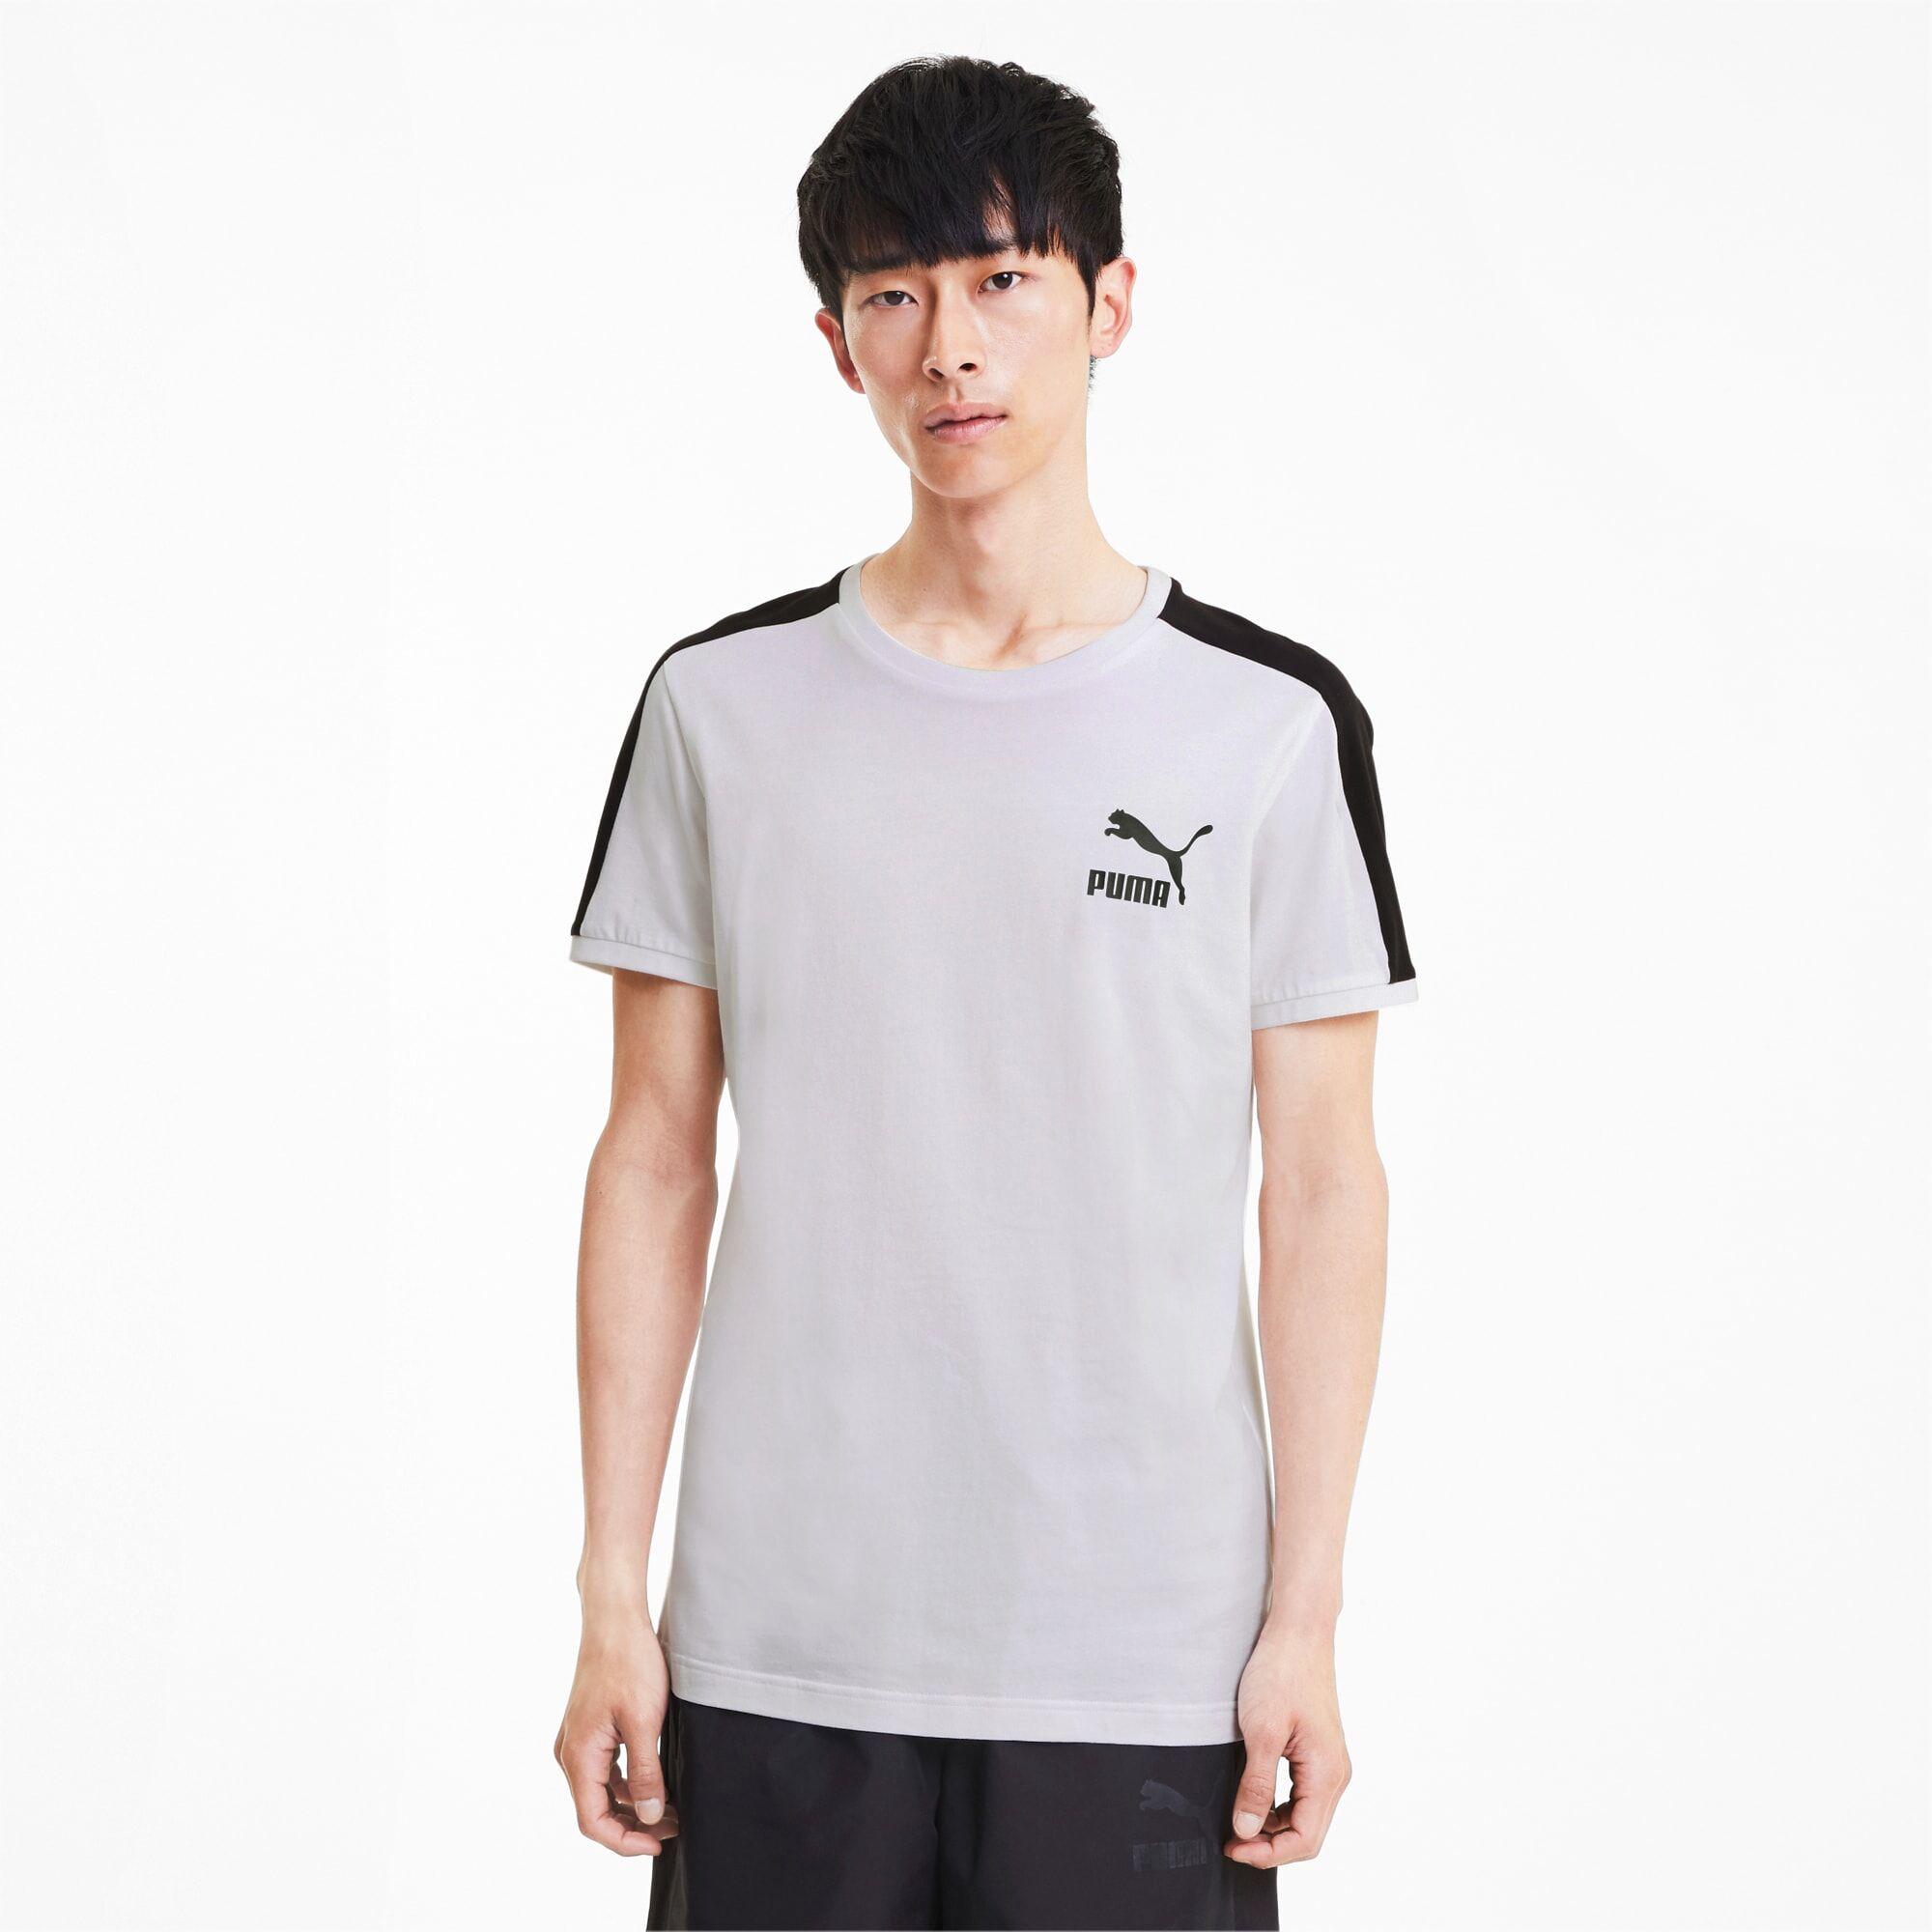 PUMA T-Shirt Iconic T7 Slim pour Homme, Blanc, Taille L, Vêtements